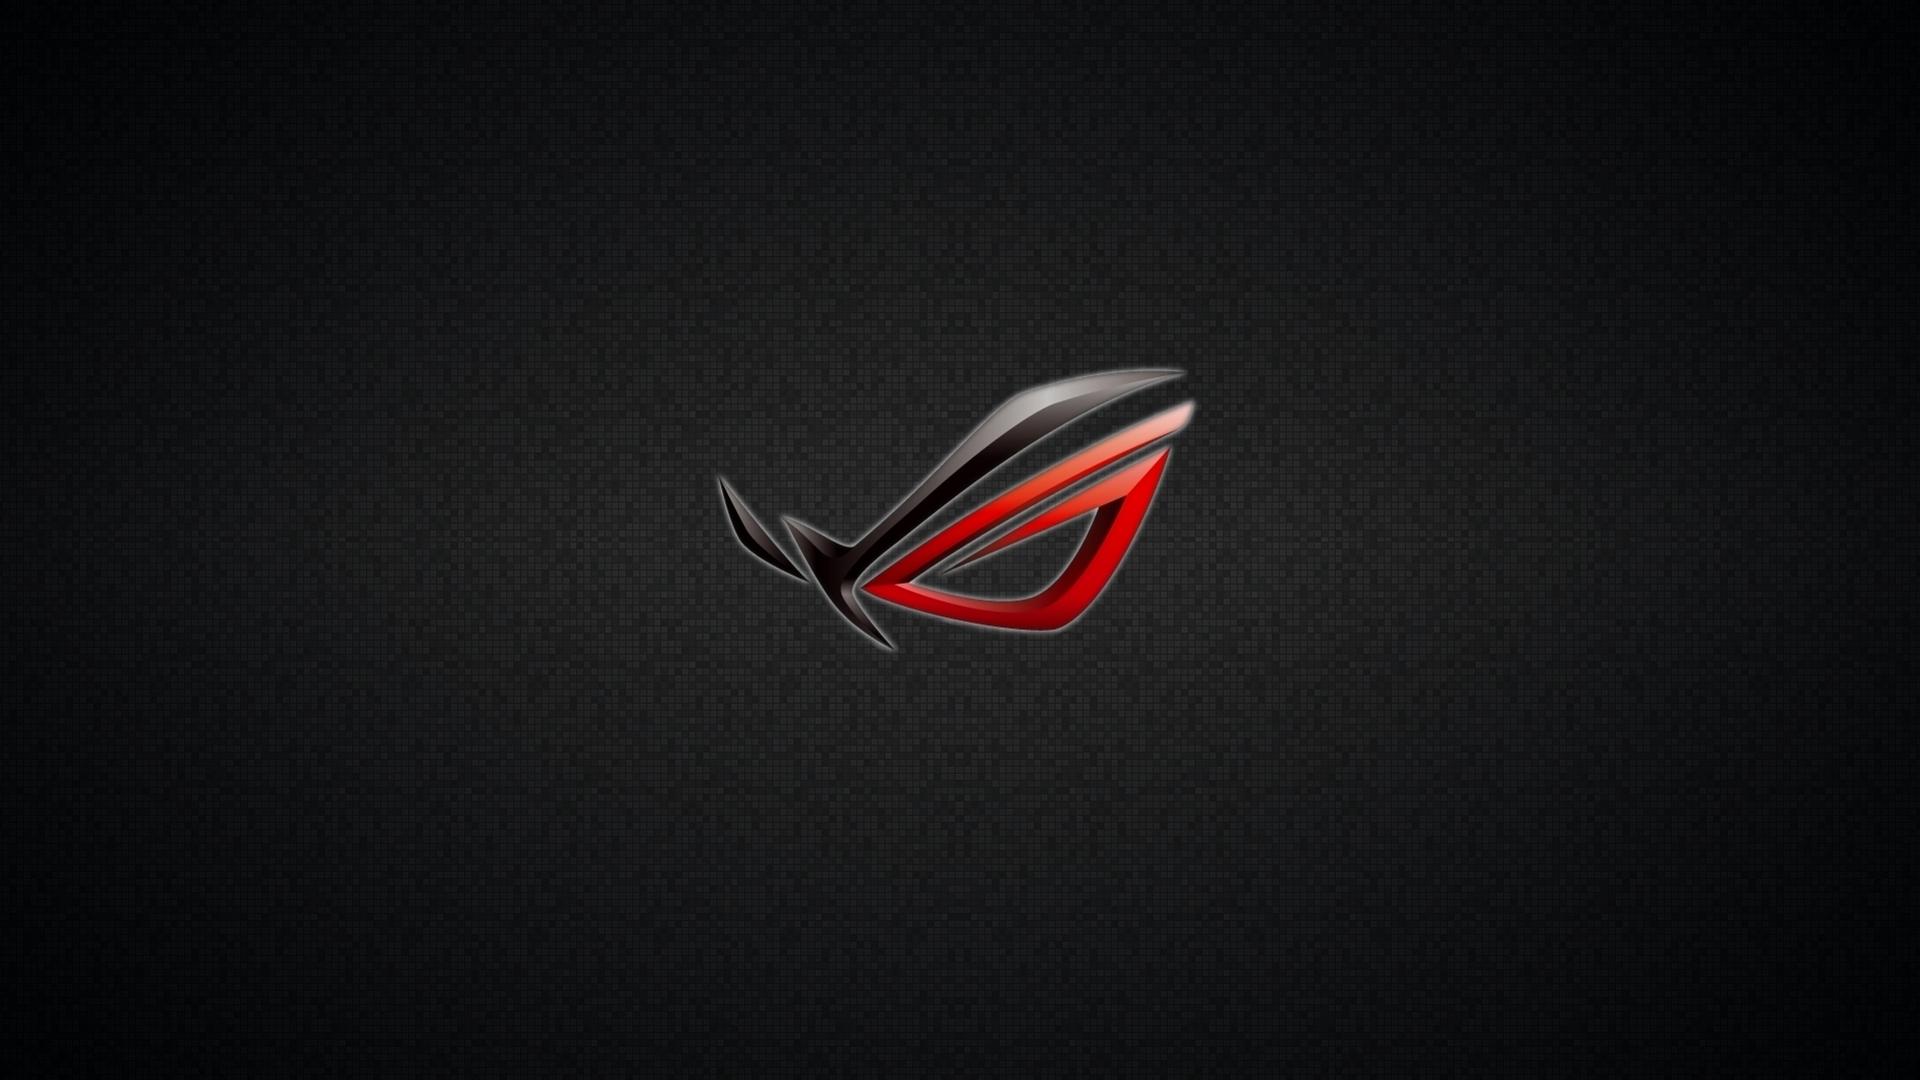 Asus rog desktop wallpaper wallpapersafari - Rog desktop wallpaper ...